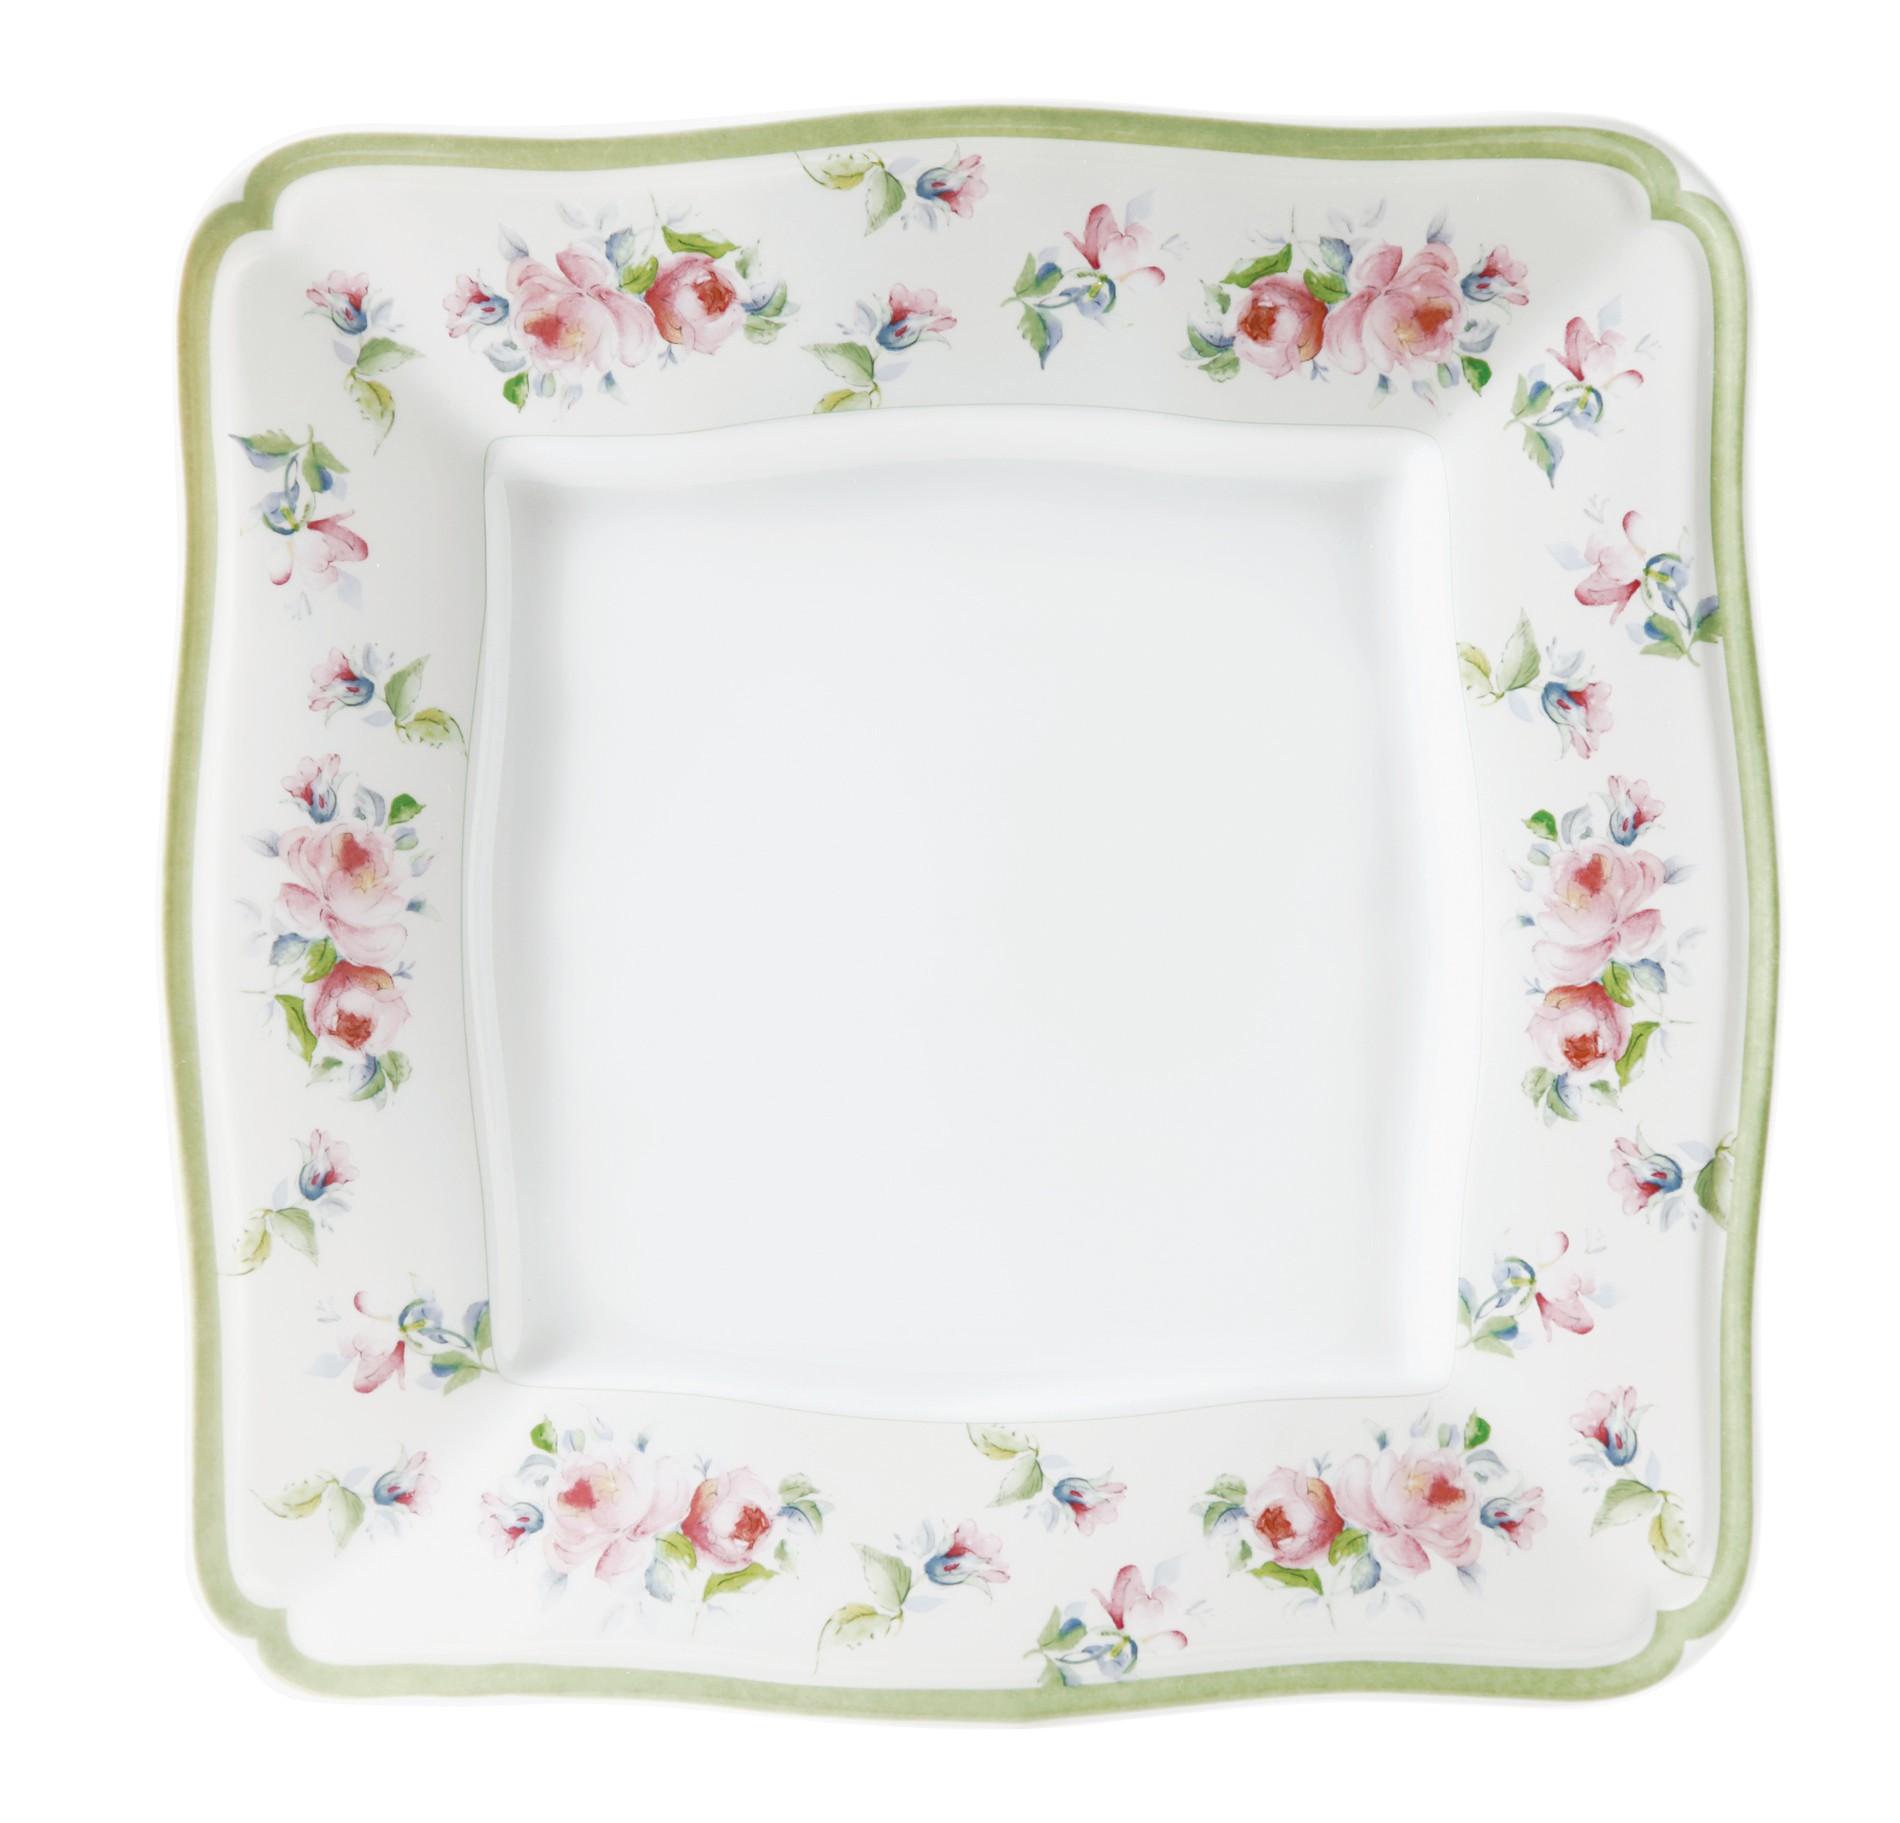 Πιάτο Ρηχό Τετράγωνο Σετ 6Τμχ Romantica 27cm Ionia home   ειδη σερβιρισματος   πιάτα